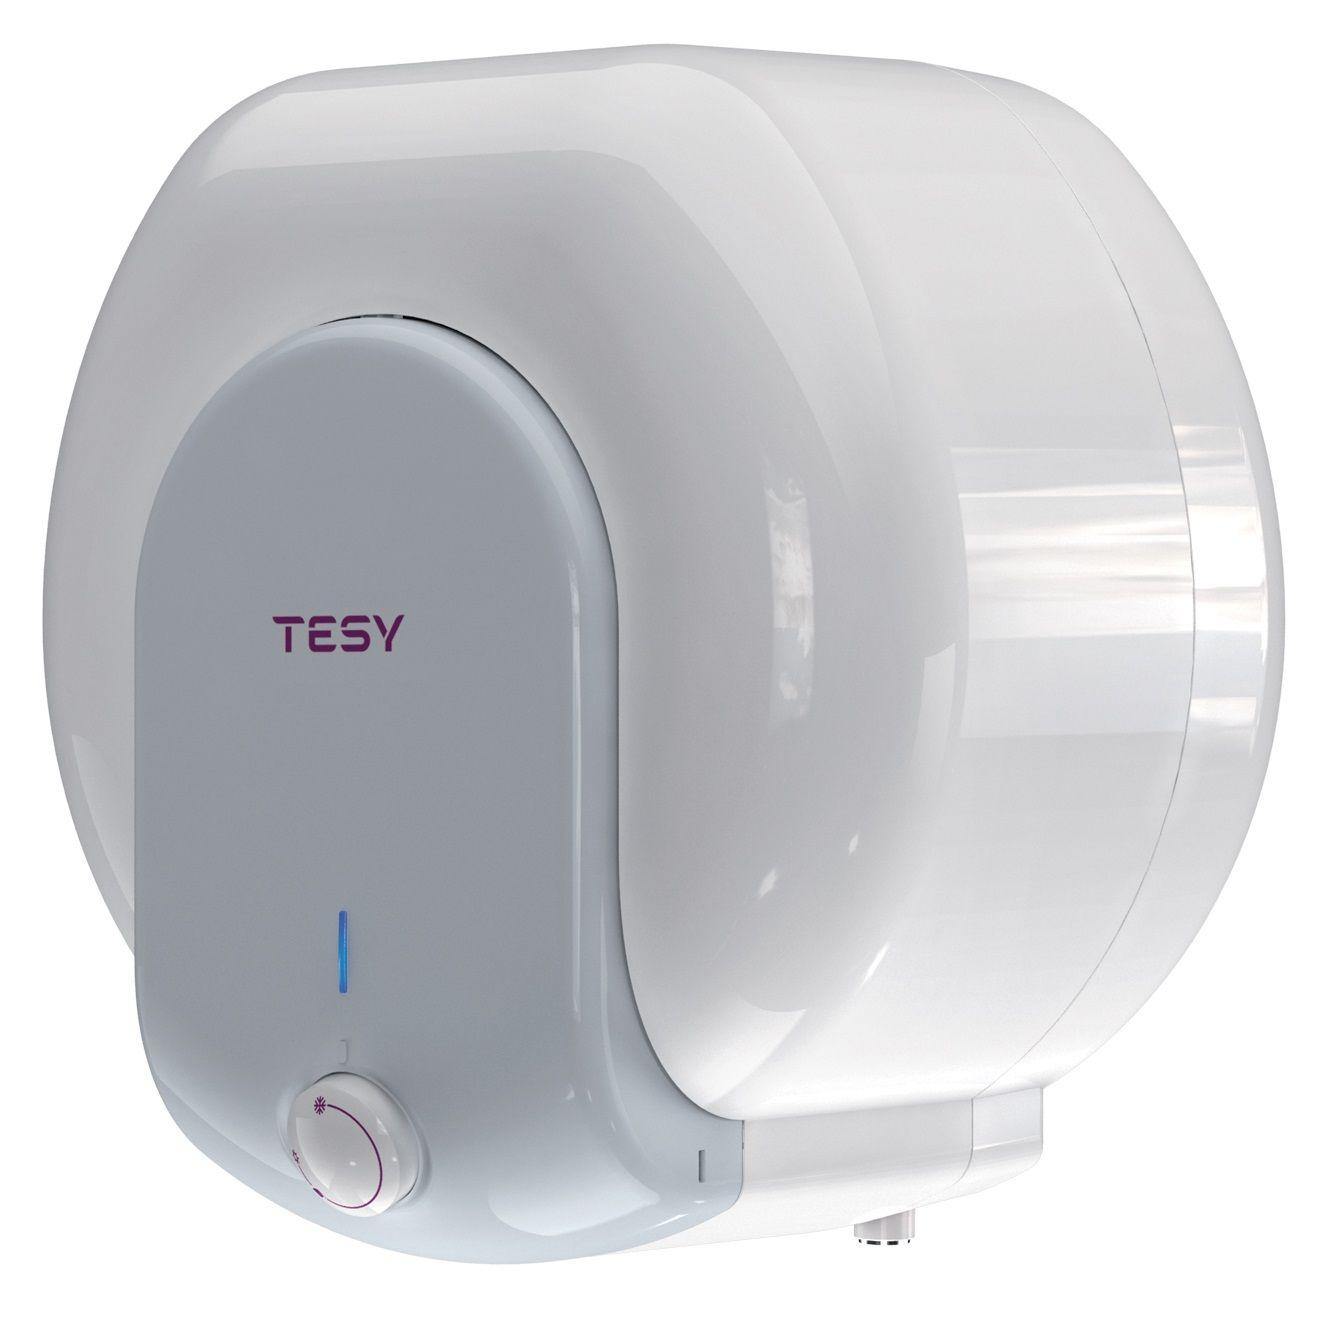 Boiler electric Tesy Compact Line GCA 1015 L52RC, 1500 W, 10 l, 0.9 Mpa, Termostat reglabil, Montare deasupra chiuvetei, Alb imagine fornello.ro